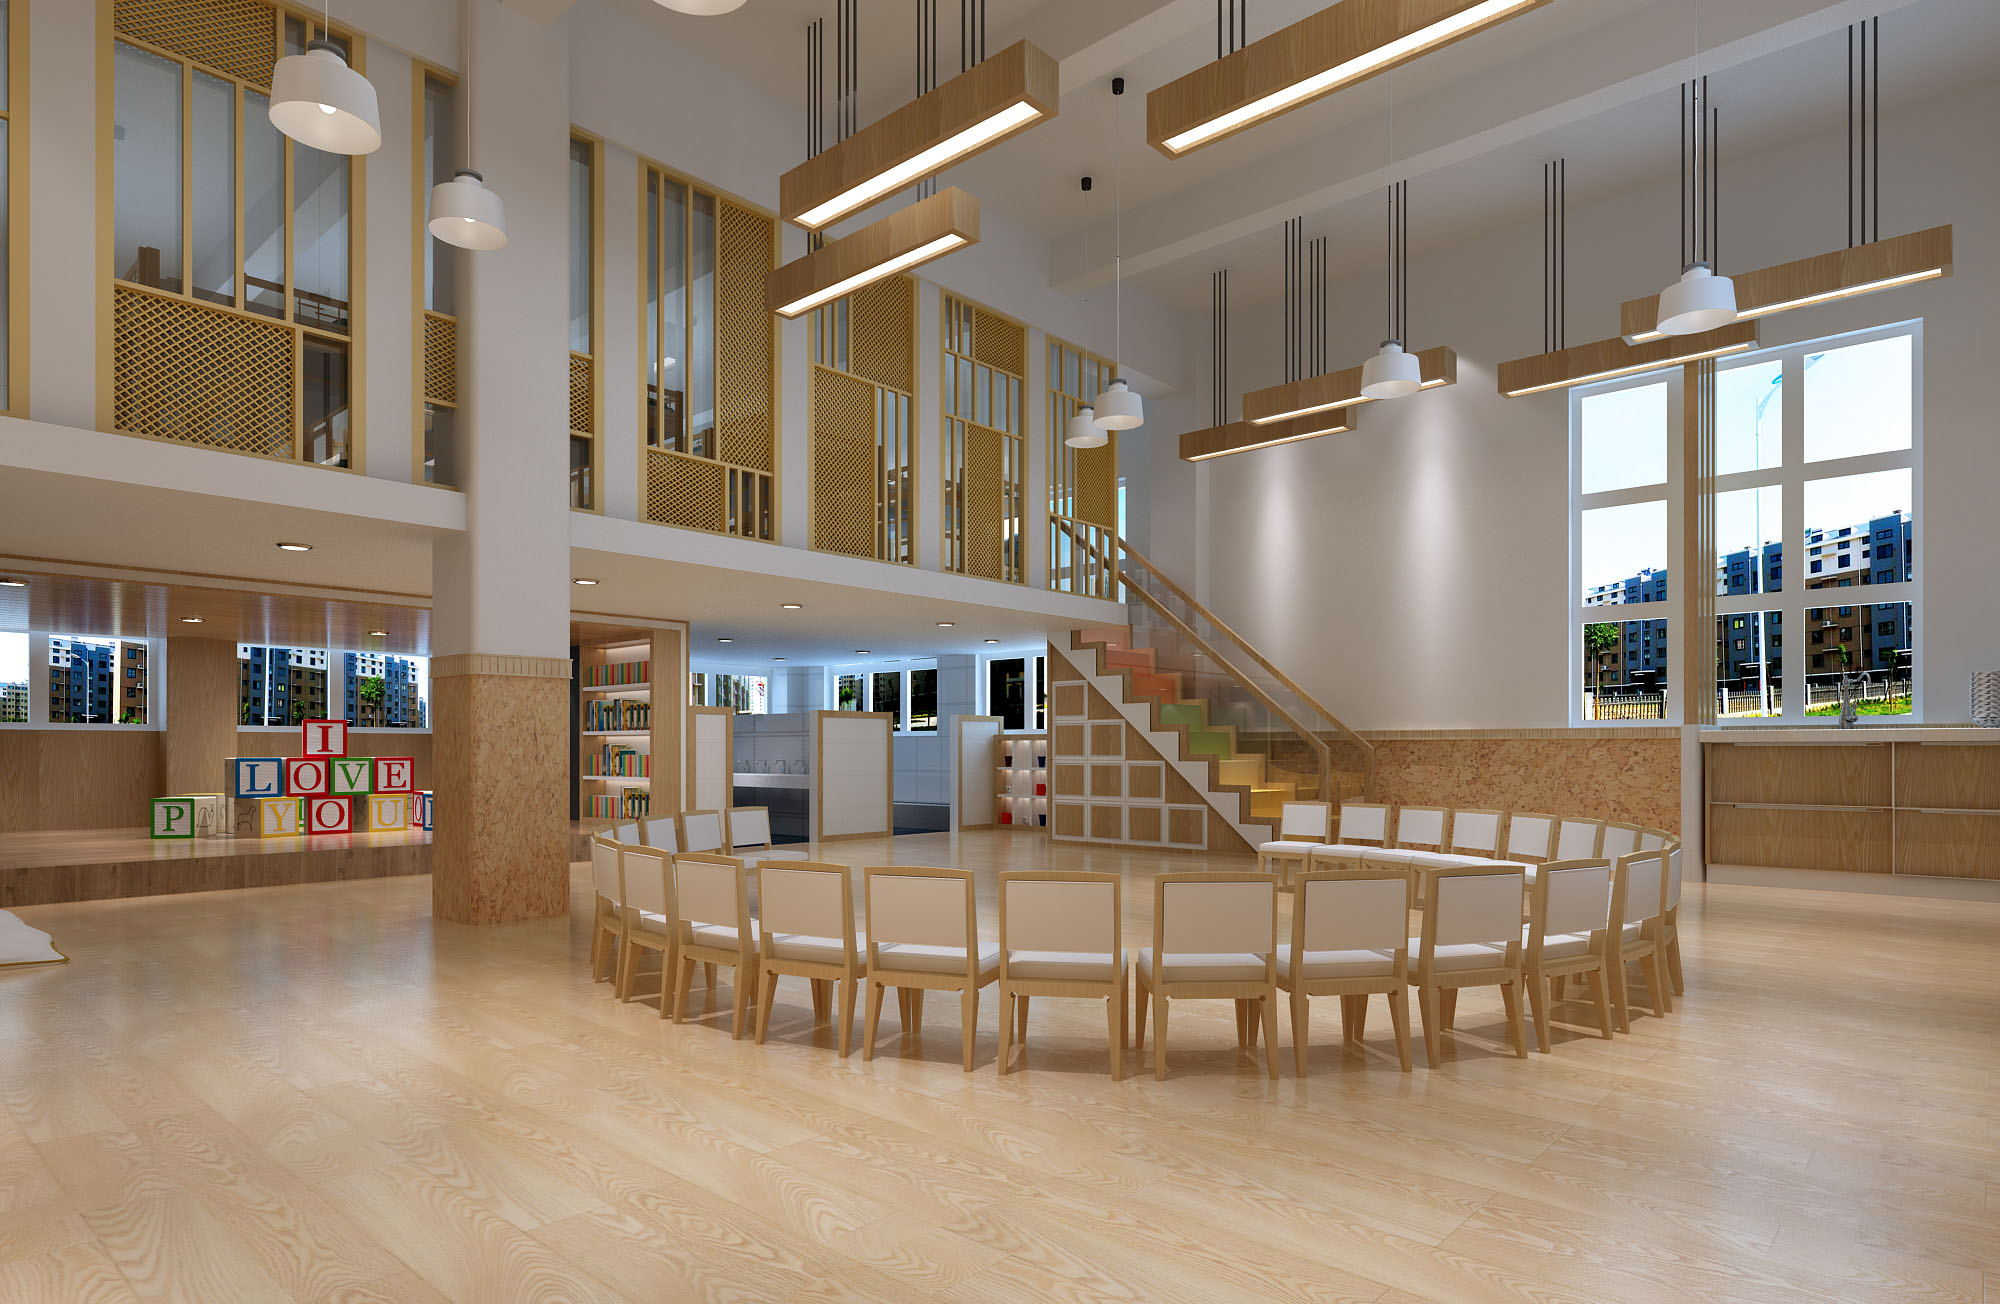 幼儿园 培训中心 图书馆 早教中心设计 效果图 全案设计